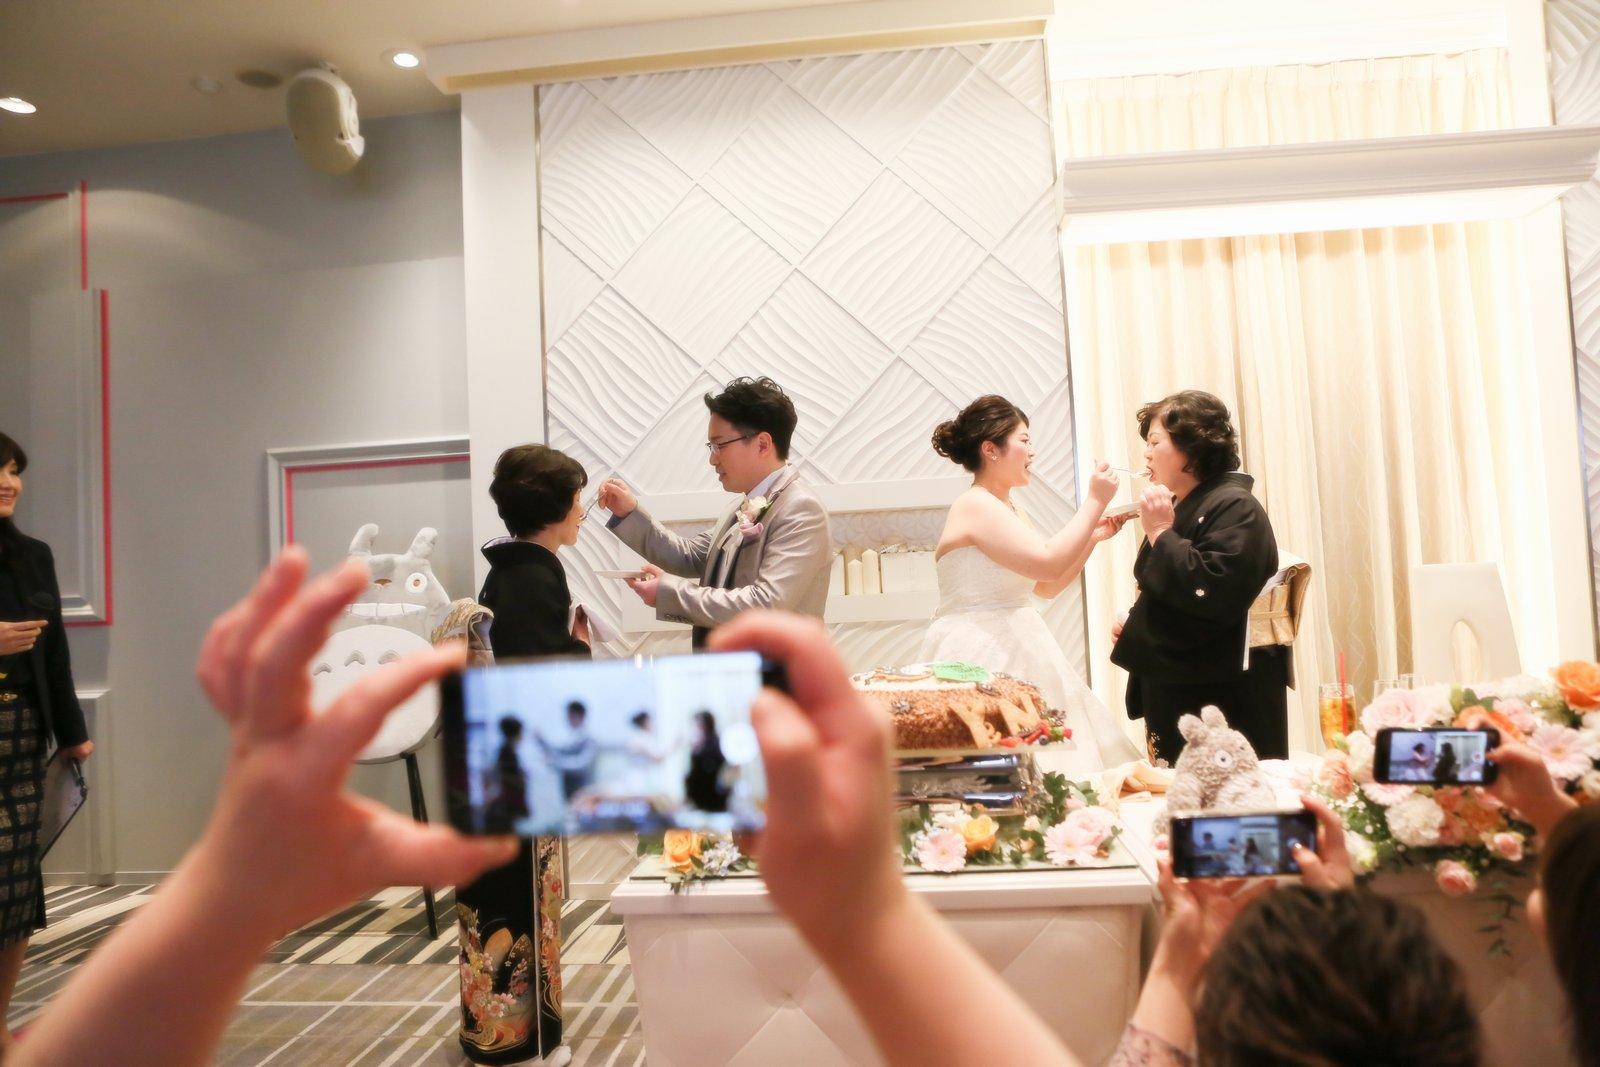 徳島市の結婚式場ブランアンジュでサンクスバイトをする新郎新婦と両家母